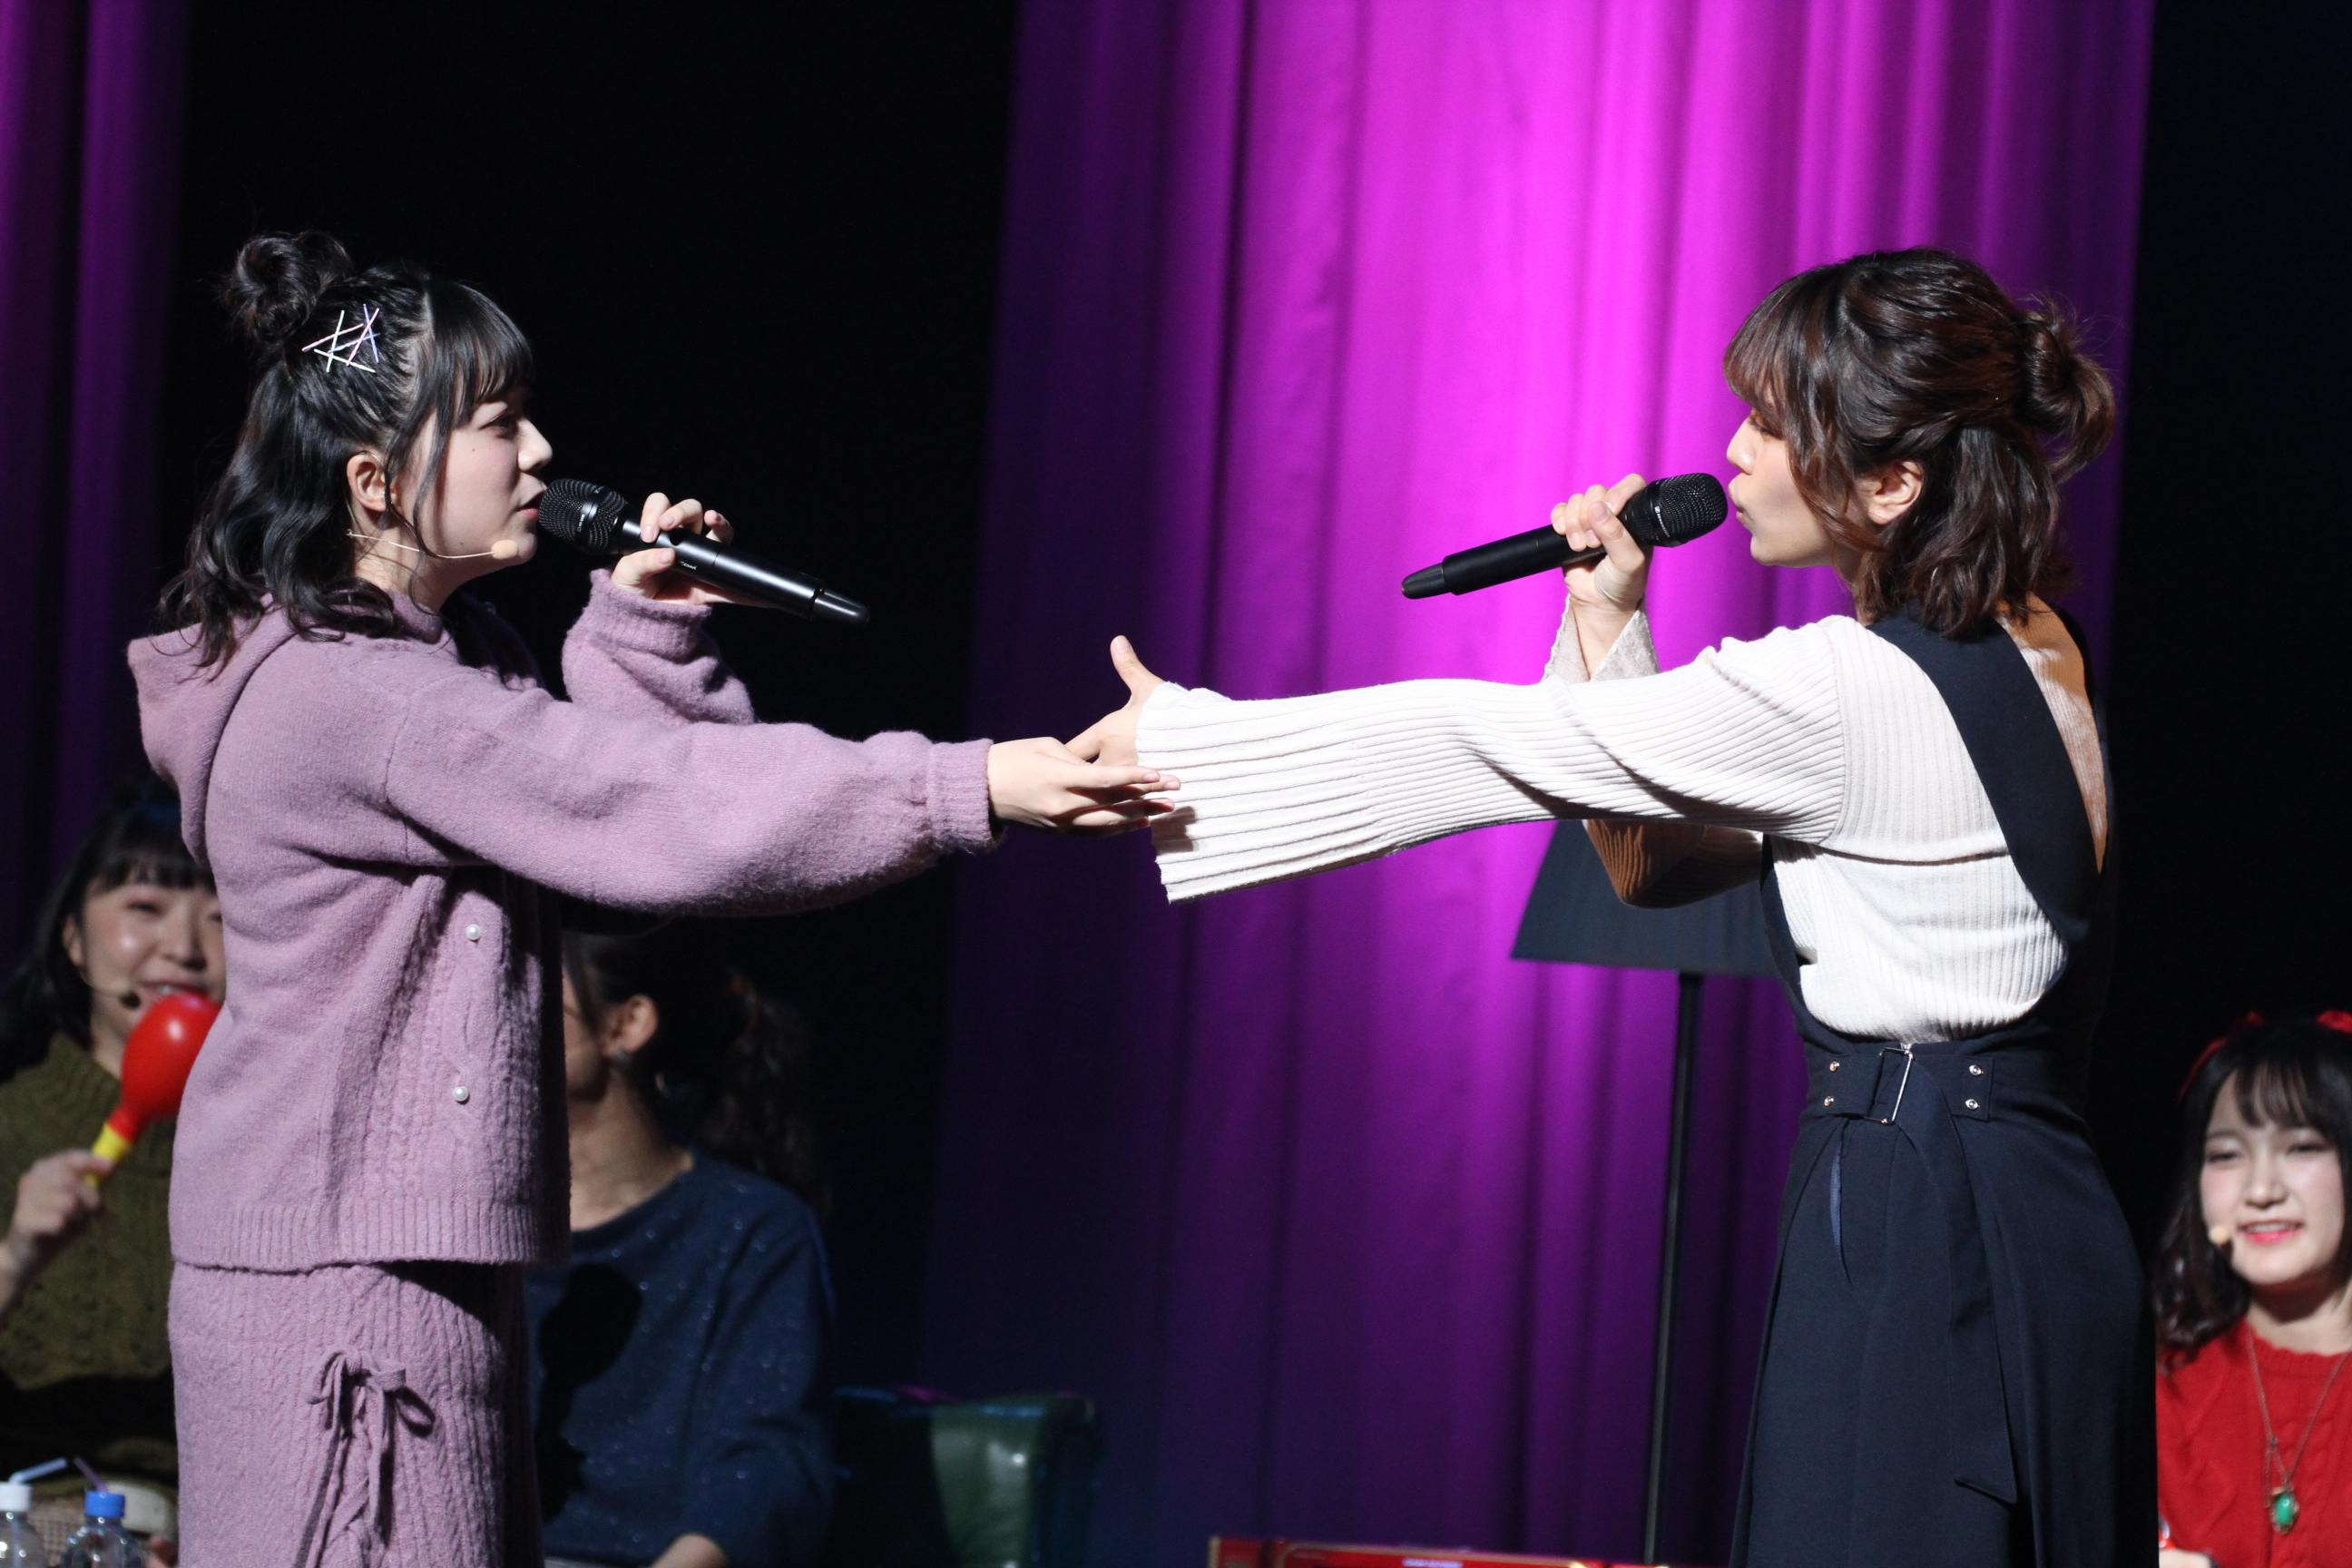 愛美・伊藤は「ゆら・ゆらRing-Dong-Dance」というサプライズ選曲